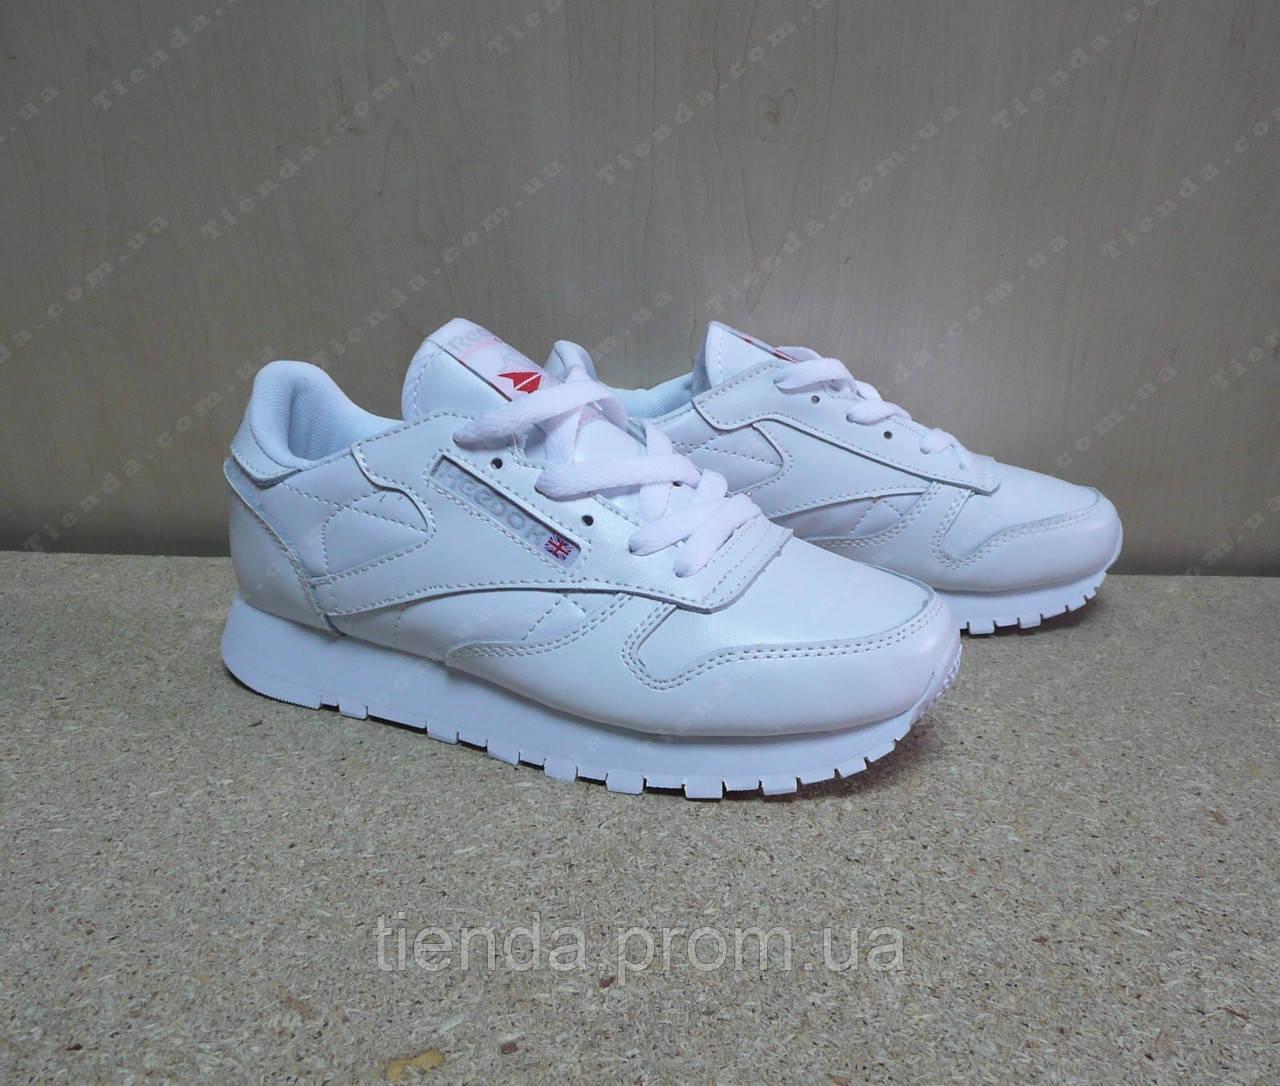 39ae2b15 Женские Кроссовки Reebok Classic Leather белые: продажа, цена в ...